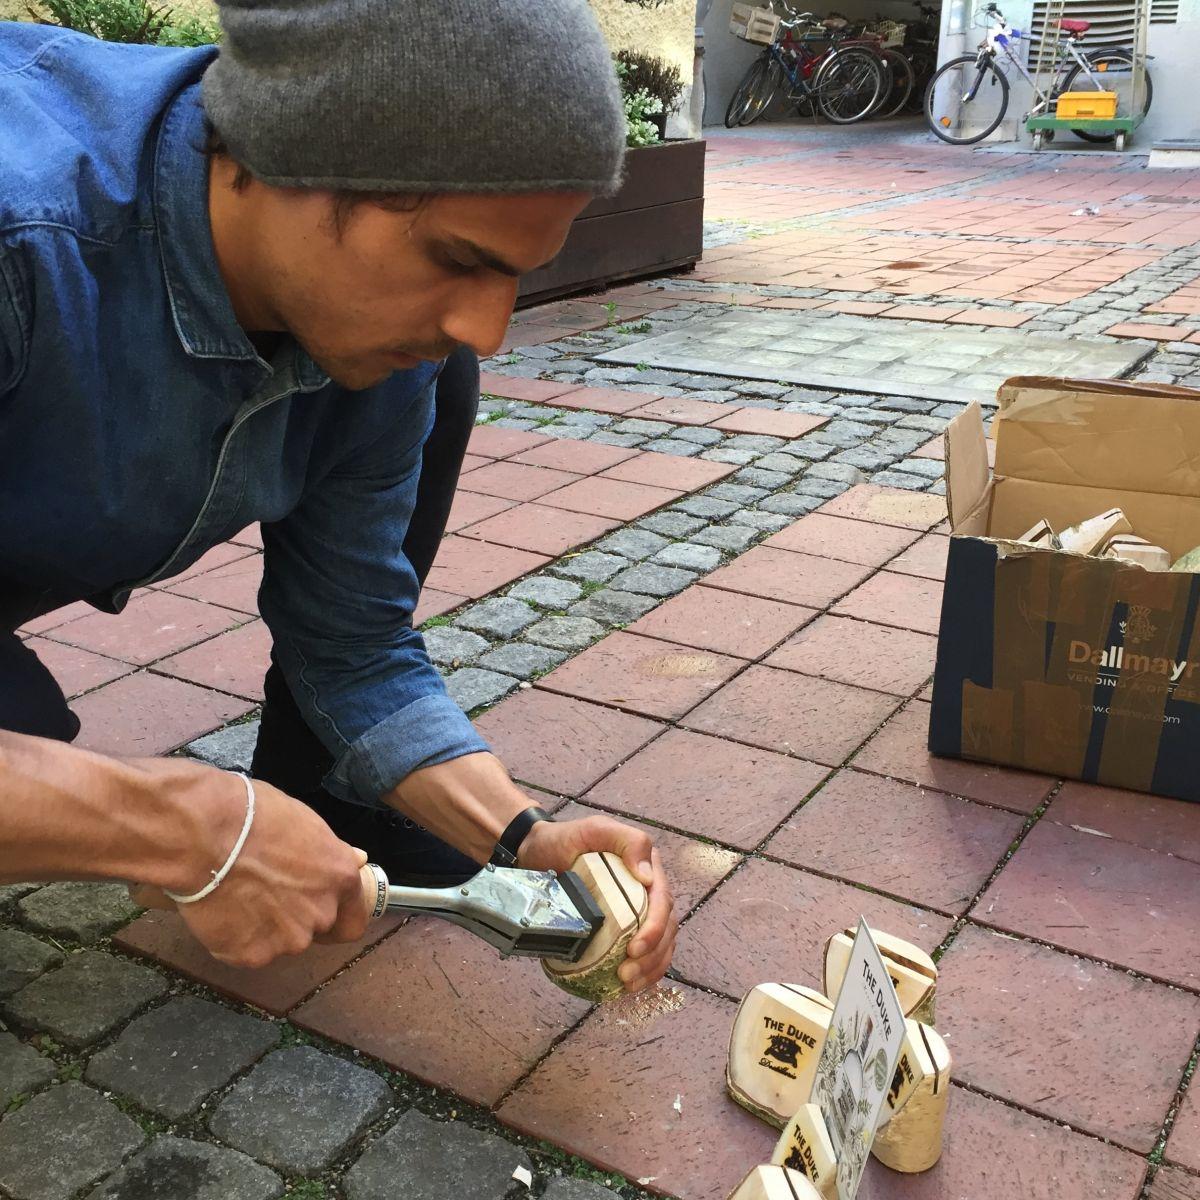 Mitarbeiter der THE DUKE Destillerie setzt ein Brandlogo auf Holzaufsteller